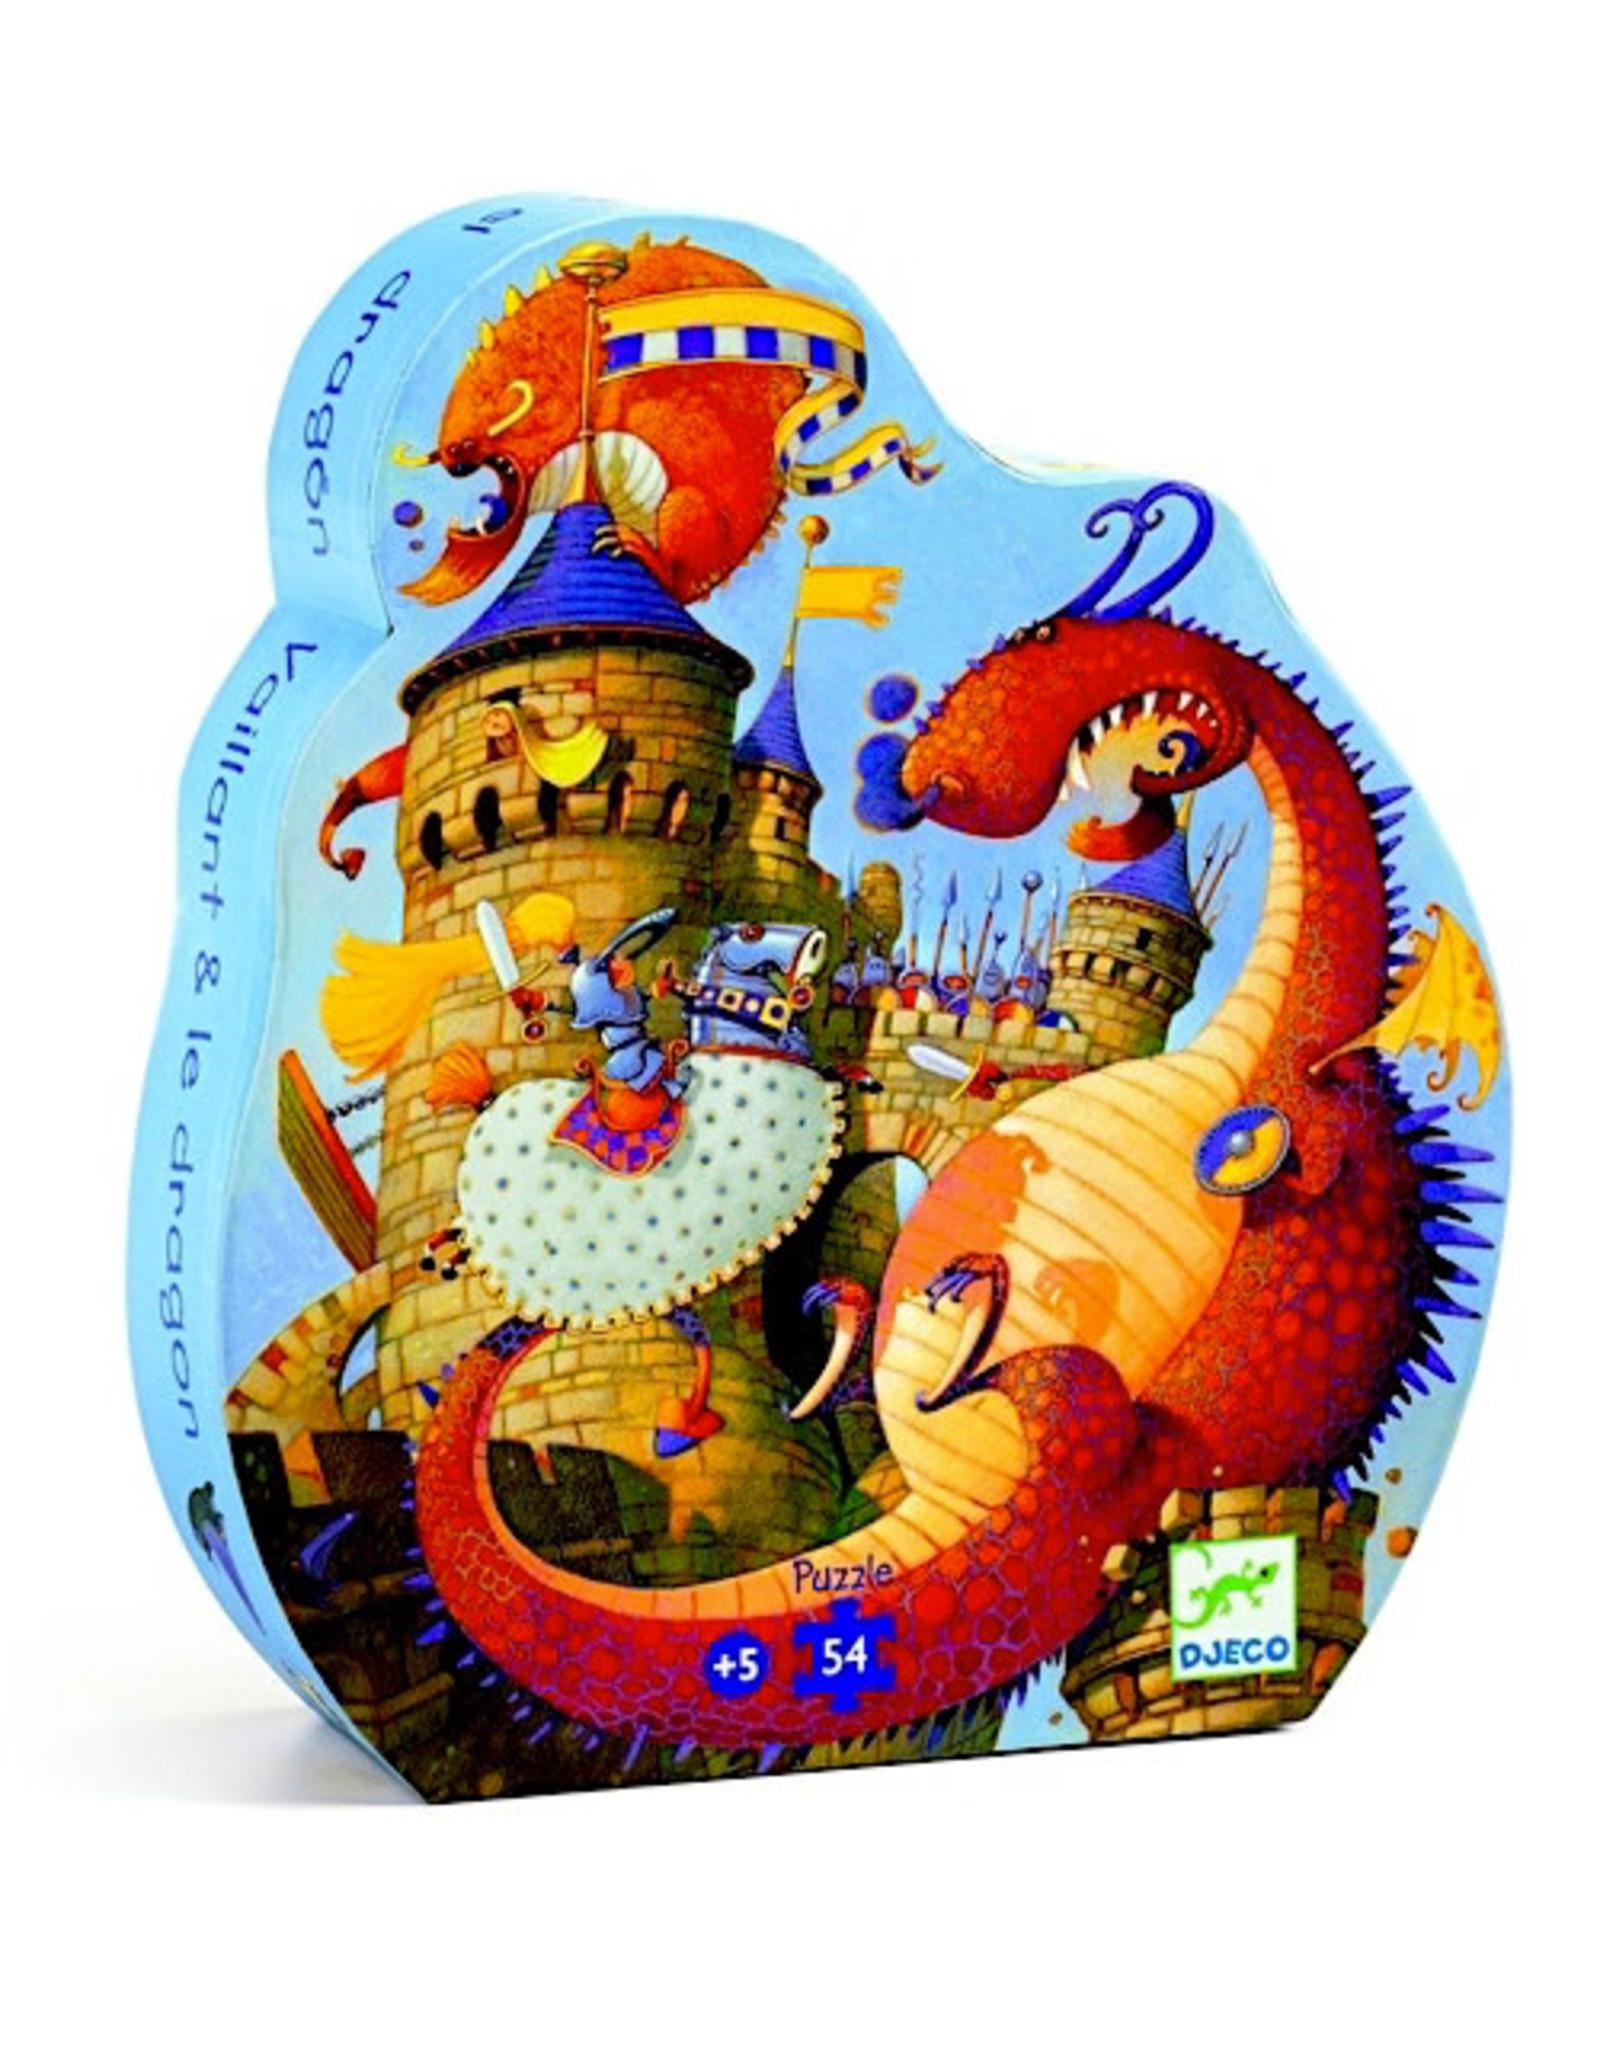 Djeco Silhouette Vaillant & Dragon